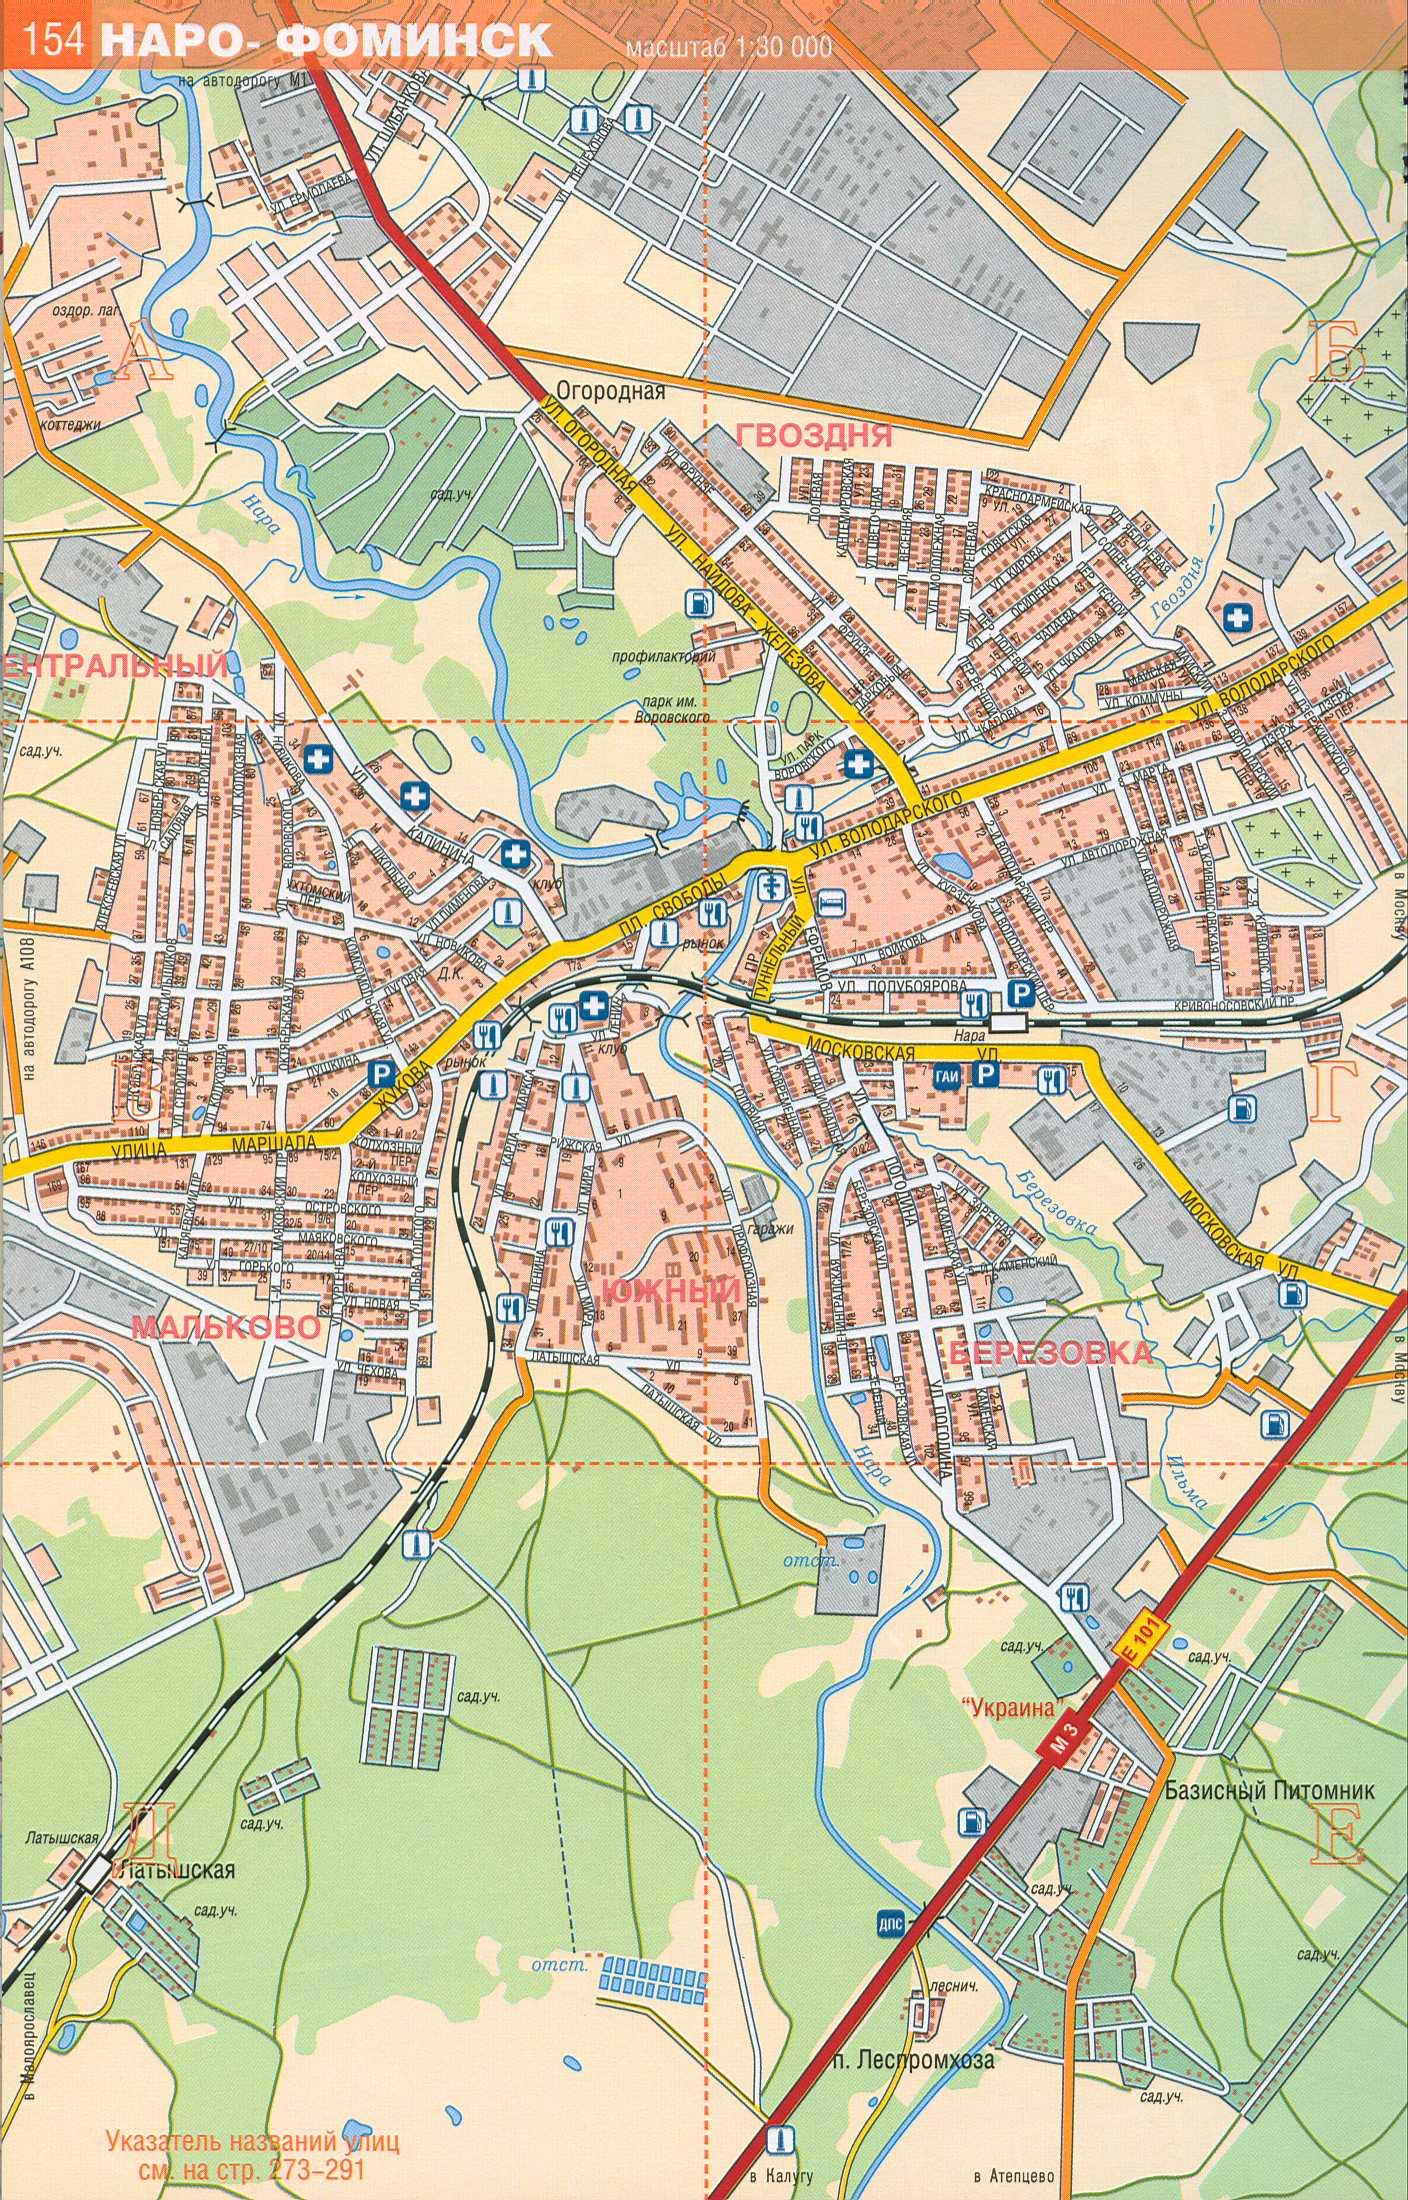 Фоминска город московской области